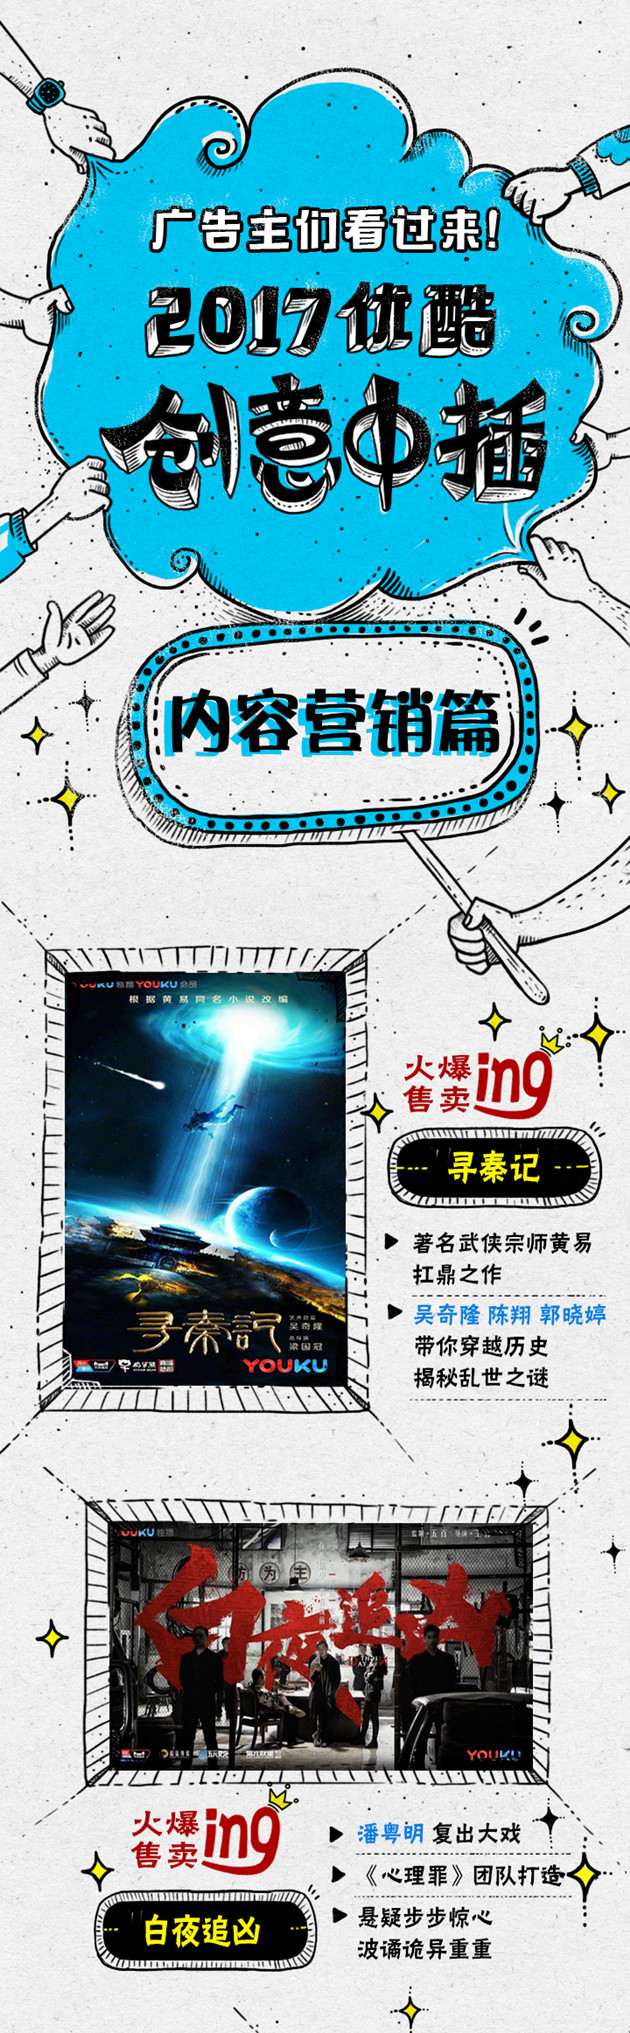 youku-20170310-1